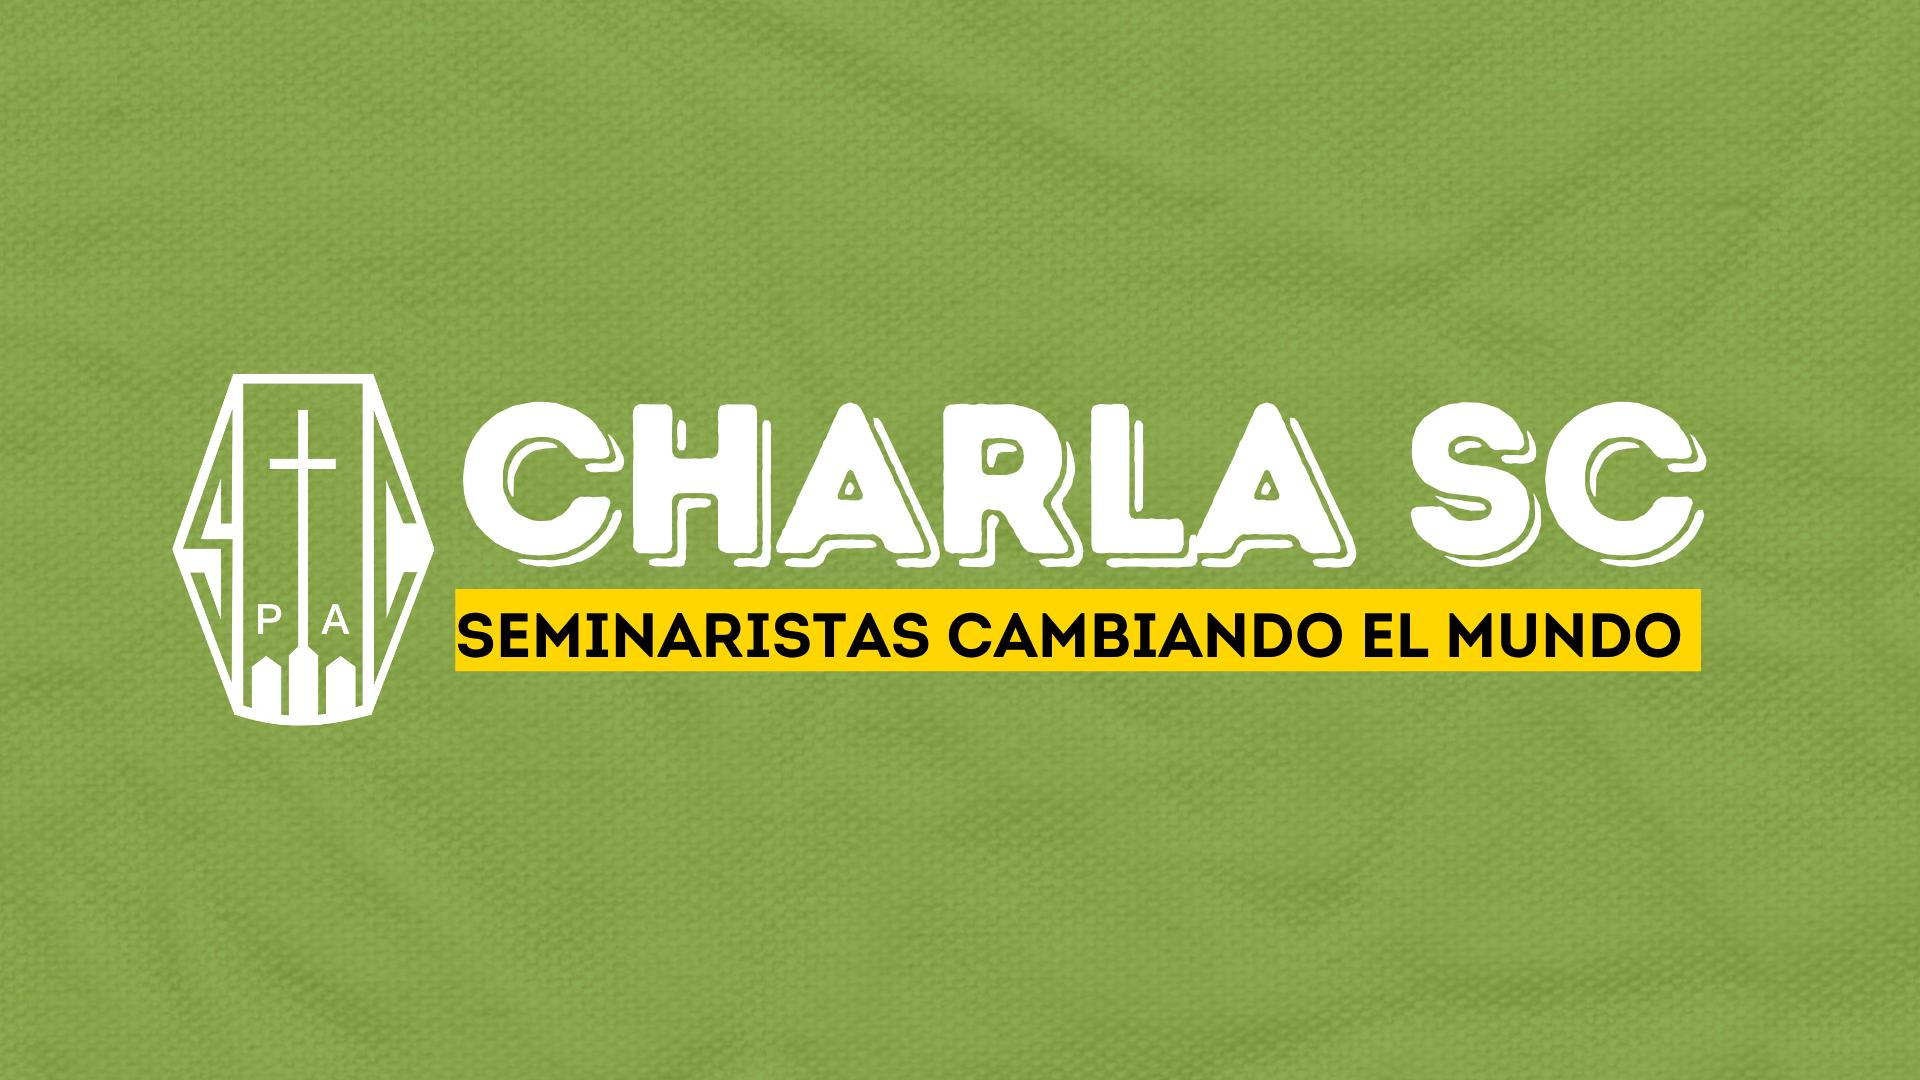 CHARLA SC: SEMINARISTAS CAMBIANDO EL MUNDO